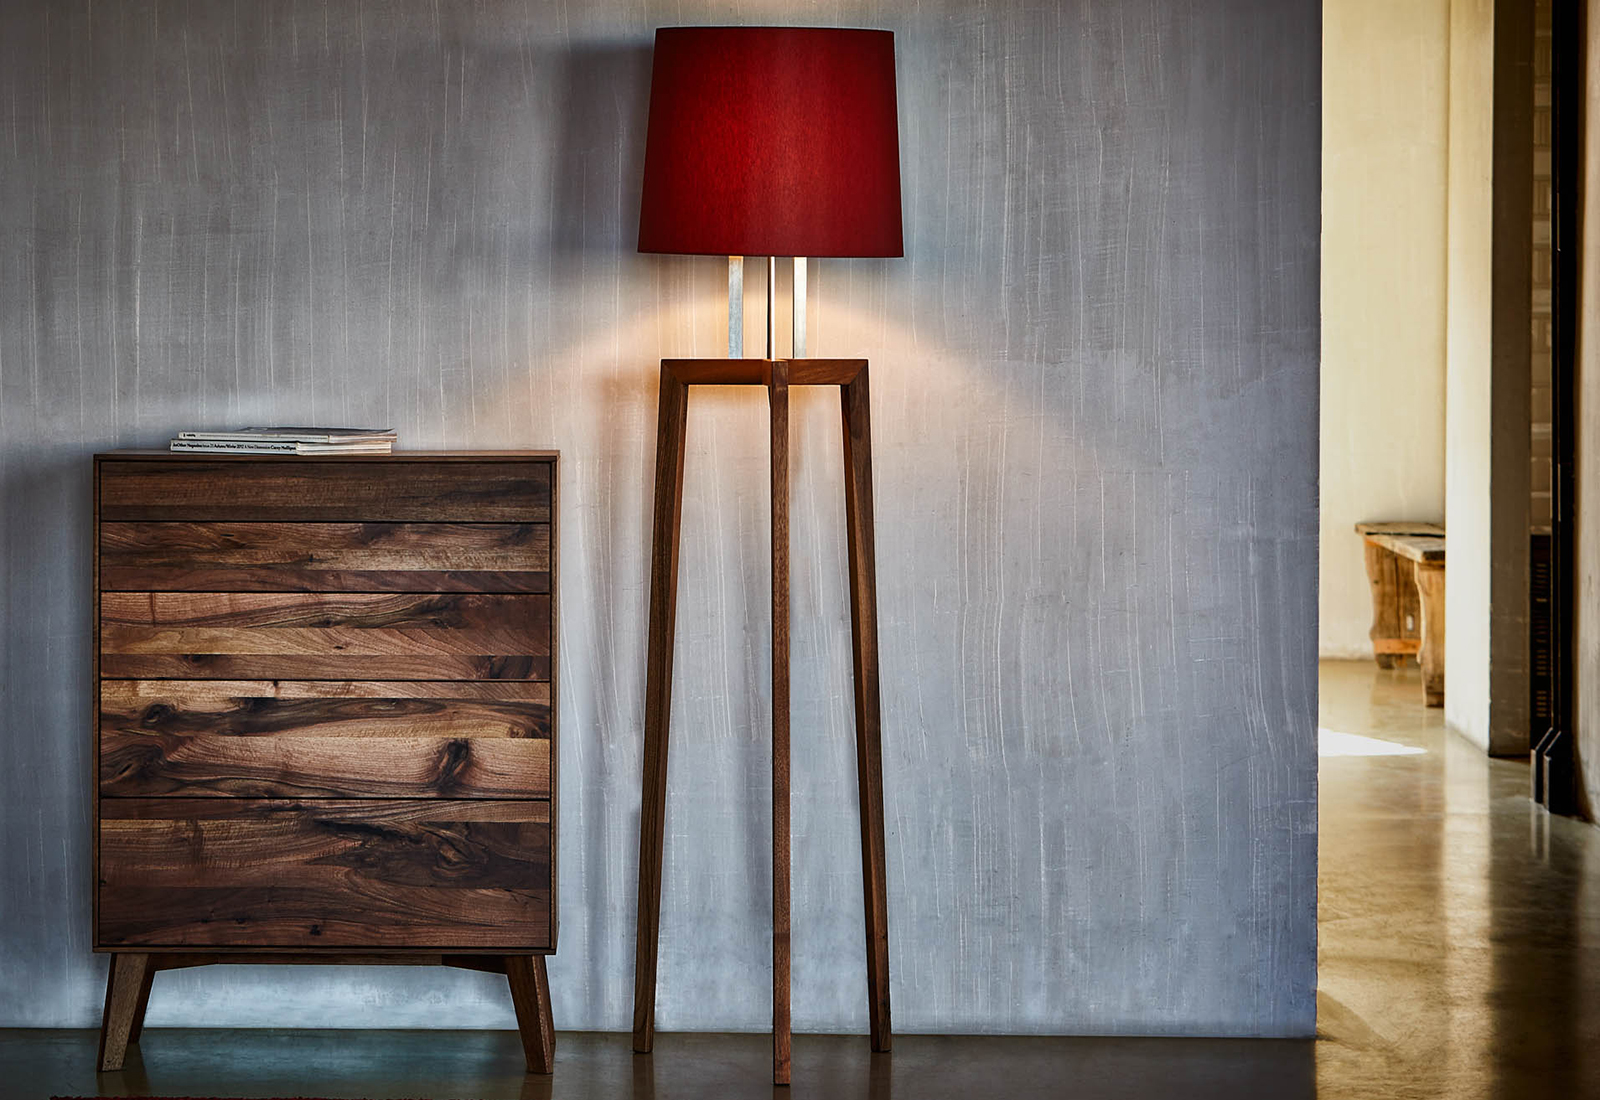 dreibeinige stehlampe dreibeinige stehlampe fiby mit. Black Bedroom Furniture Sets. Home Design Ideas